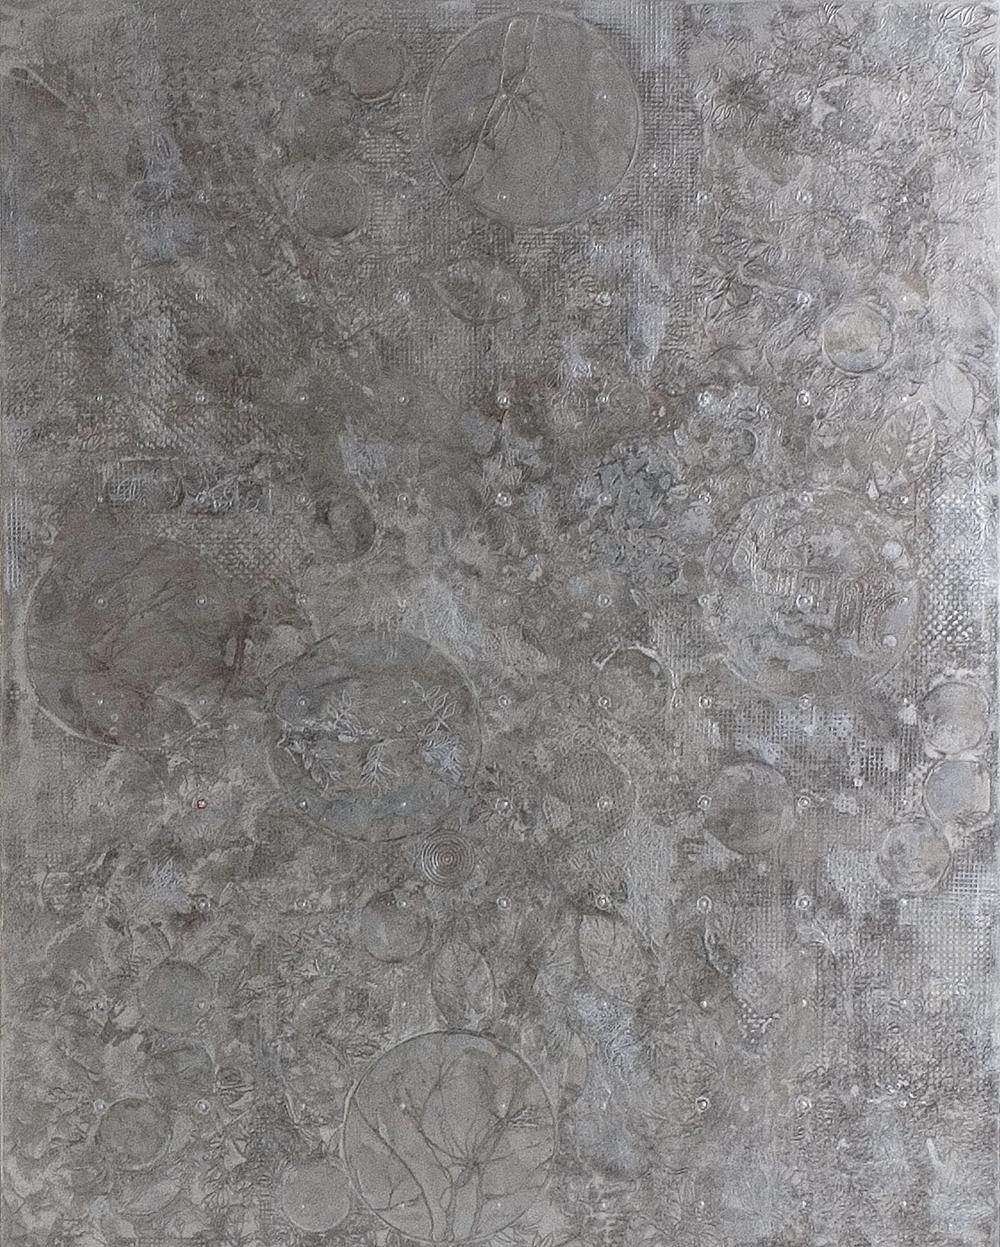 La finzione della forma, 2005, acrilico su tela, cm 250x200